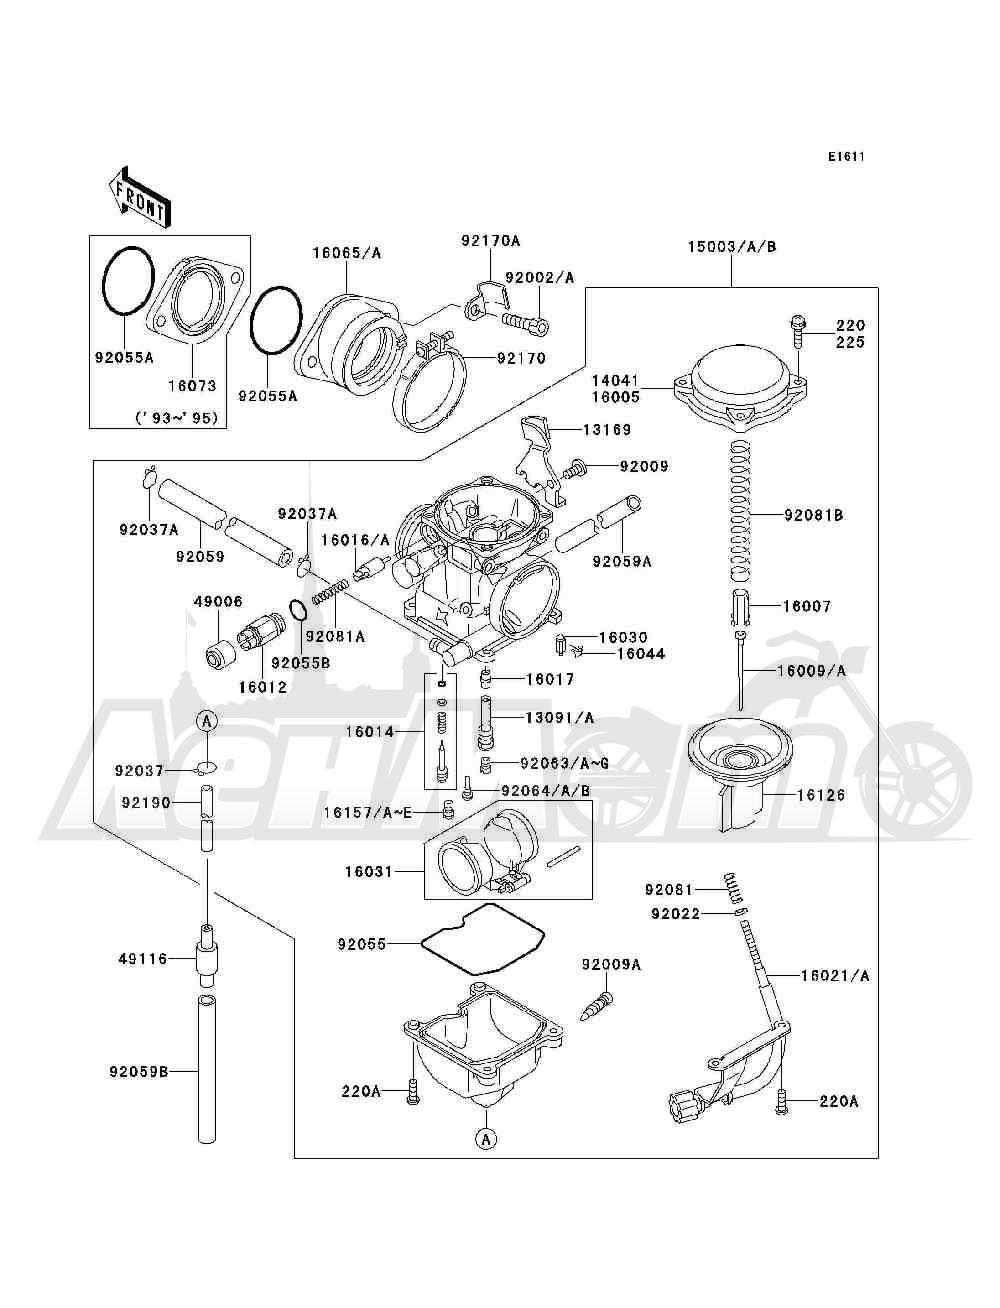 Запчасти для Квадроцикла Kawasaki 1993 BAYOU 300 4X4 (KLF300-C5) Раздел: CARBURETOR | карбюратор